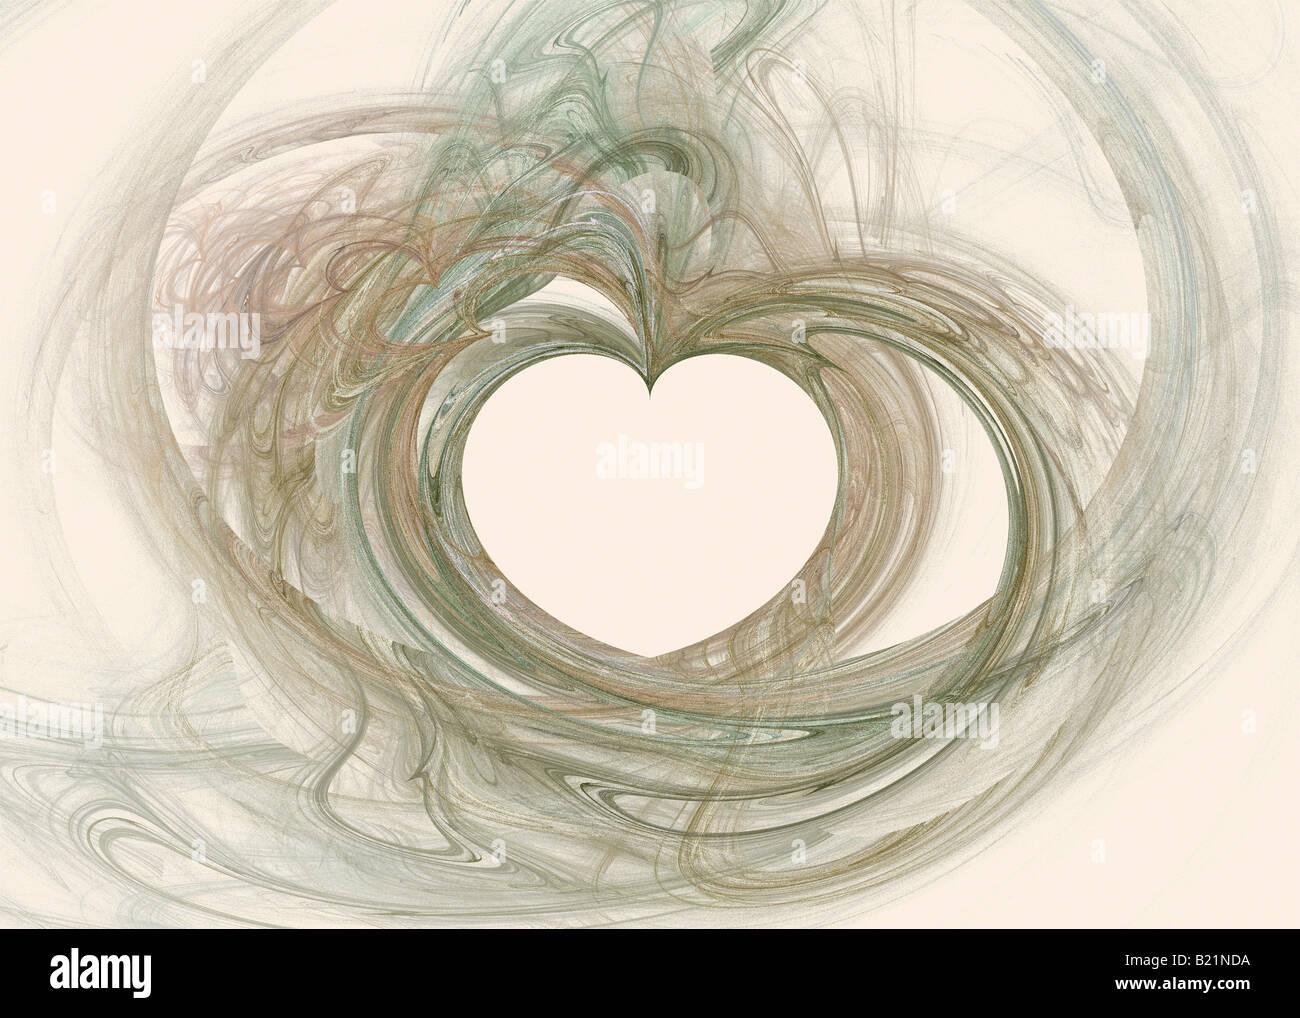 Résumé de l'image fractale avec Motif coeur rendus dans des tons chaleureux. Photo Stock